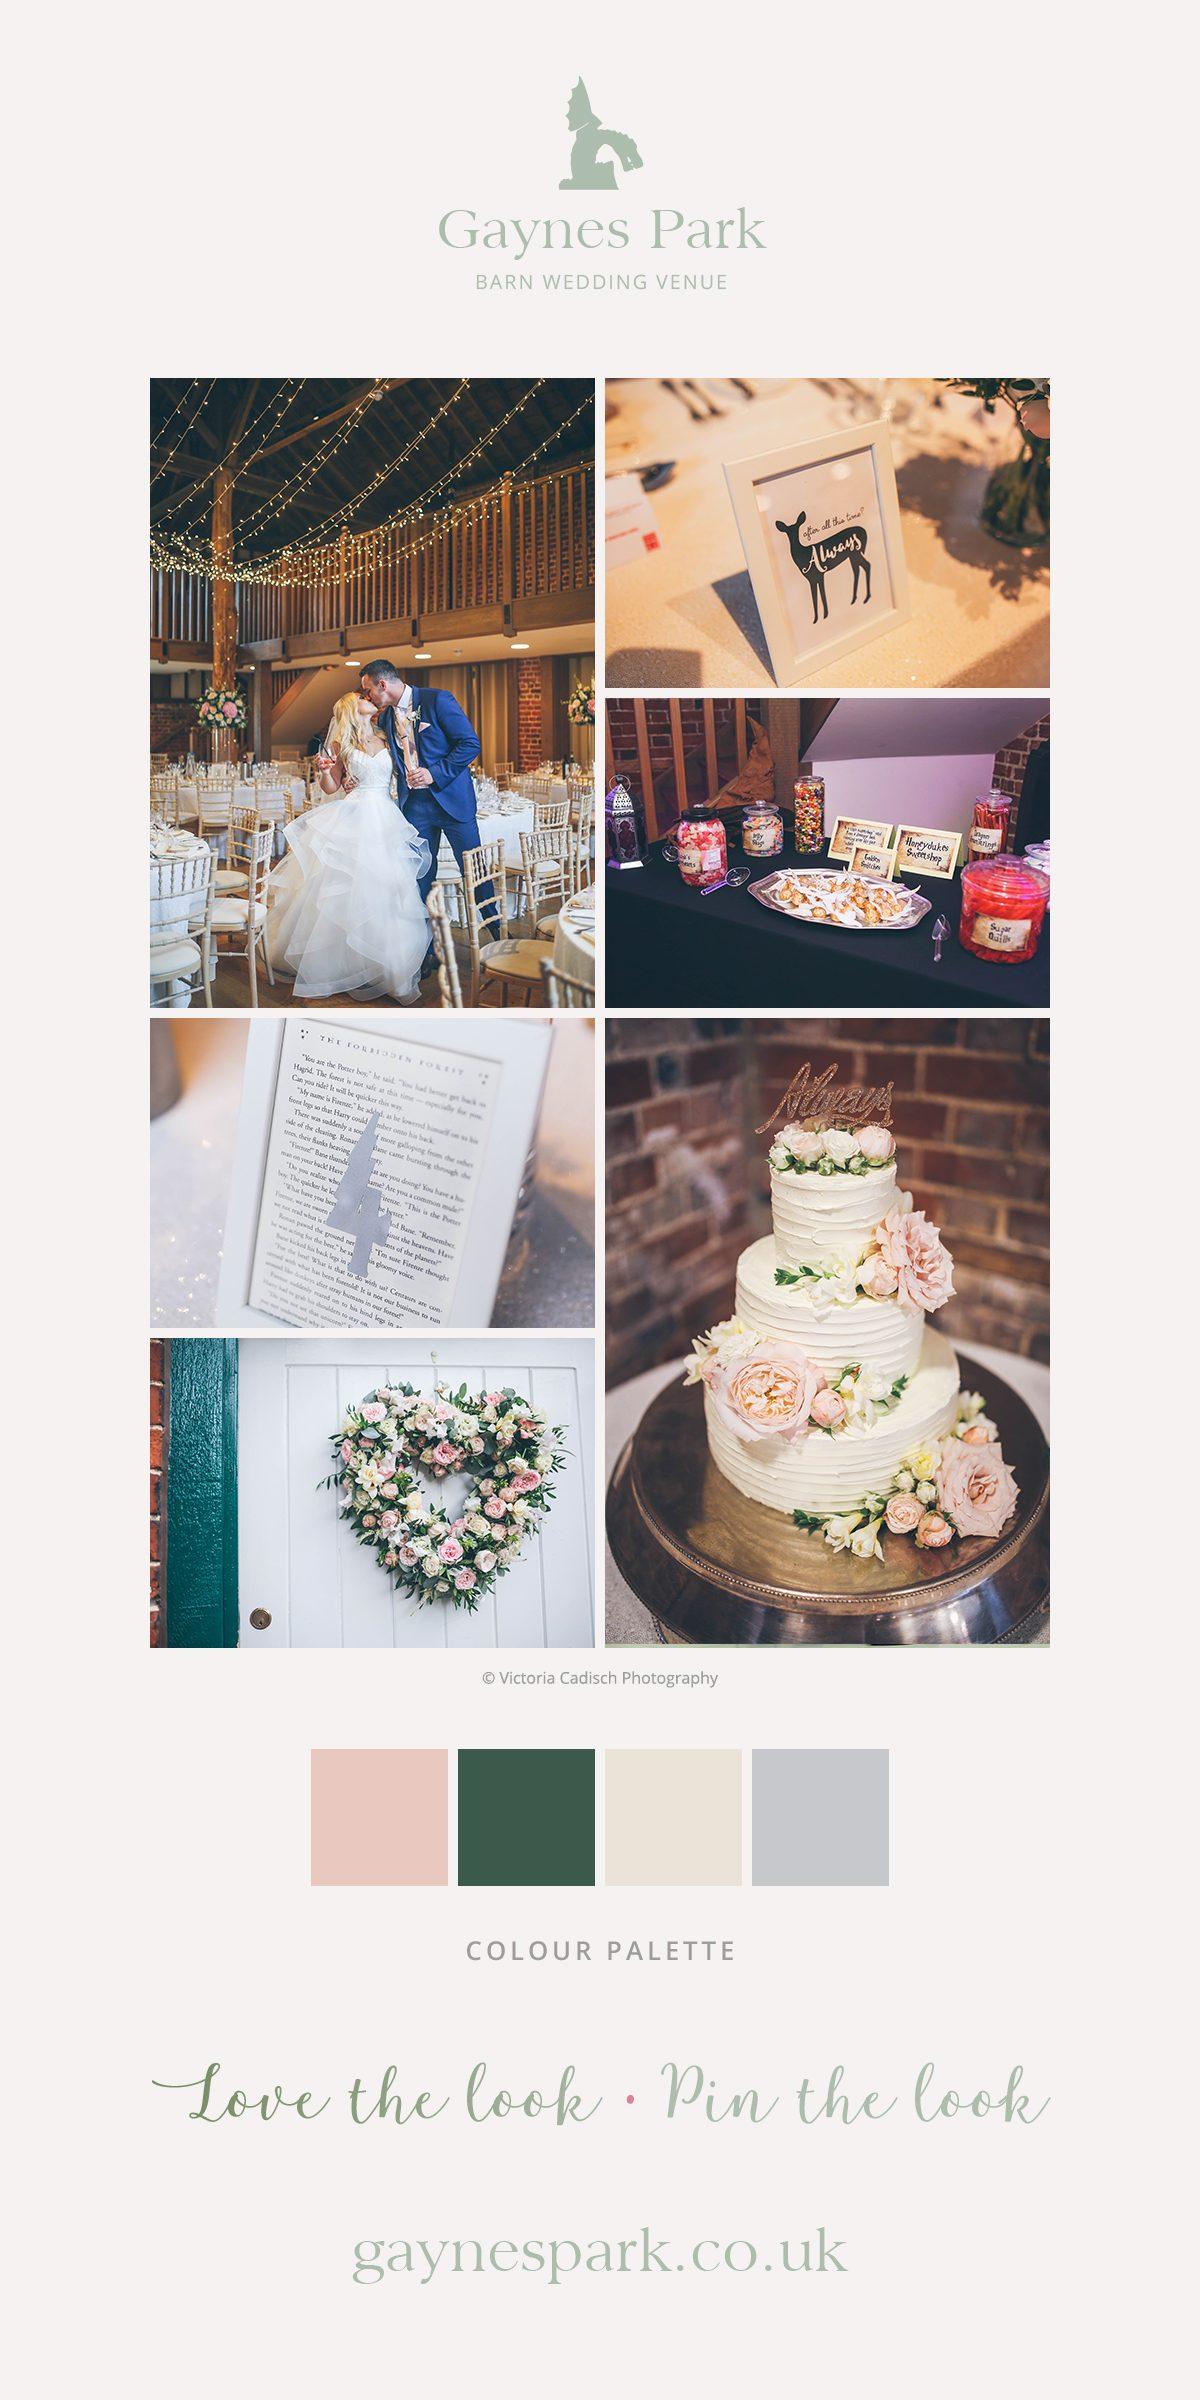 Charlotte and James' real life wedding at Gaynes Park